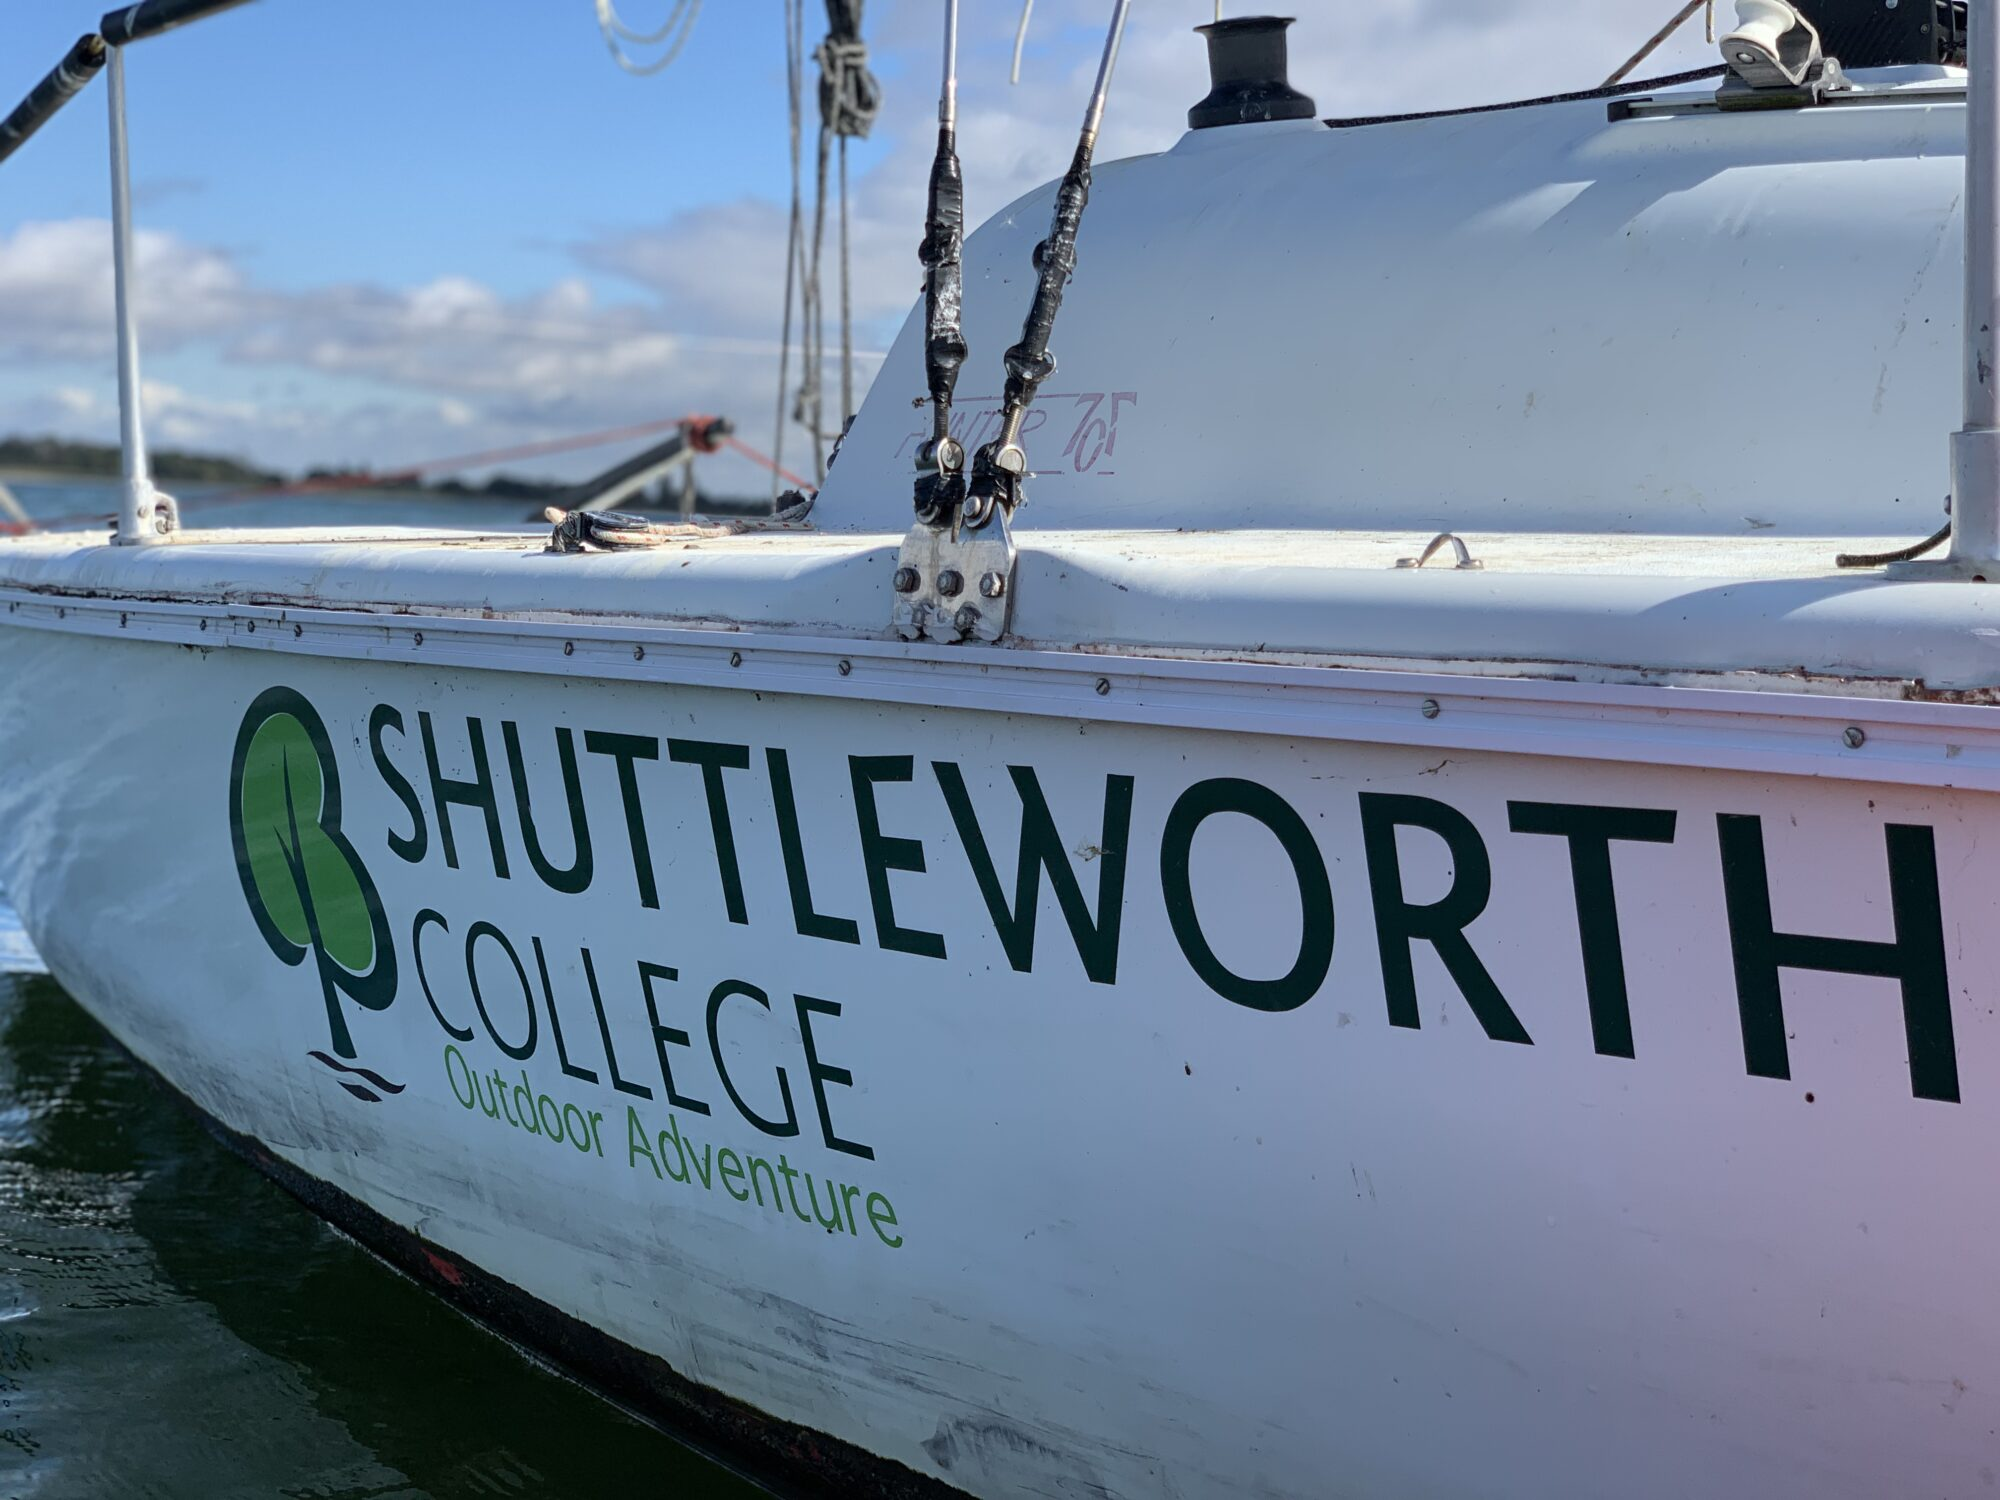 Shuttleworth College Wild Adventures